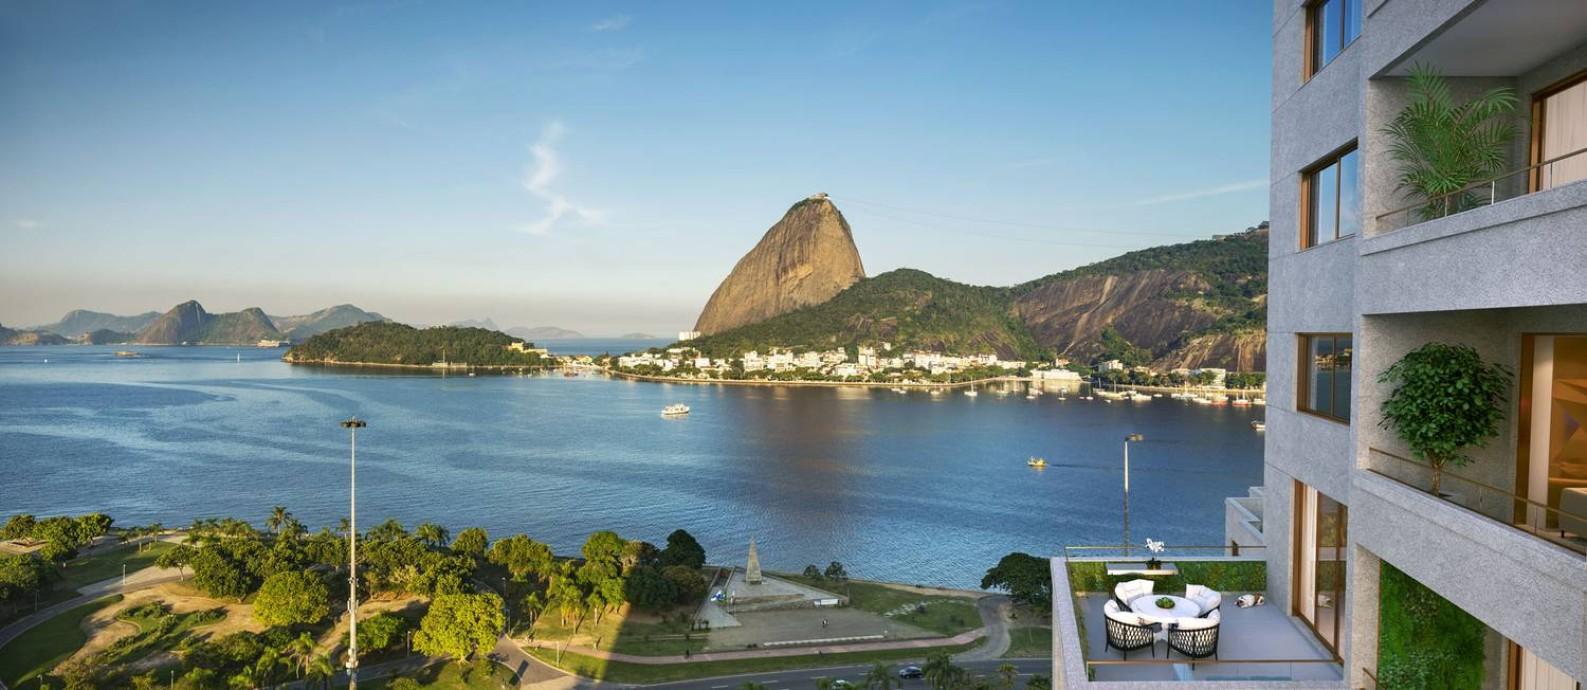 Batizado de Rio by Yoo, o novo emprendimento terá 148 apartamentos, alguns com a vista privilegiada para um dos cenários mais bonitos da cidade Foto: Divulgação